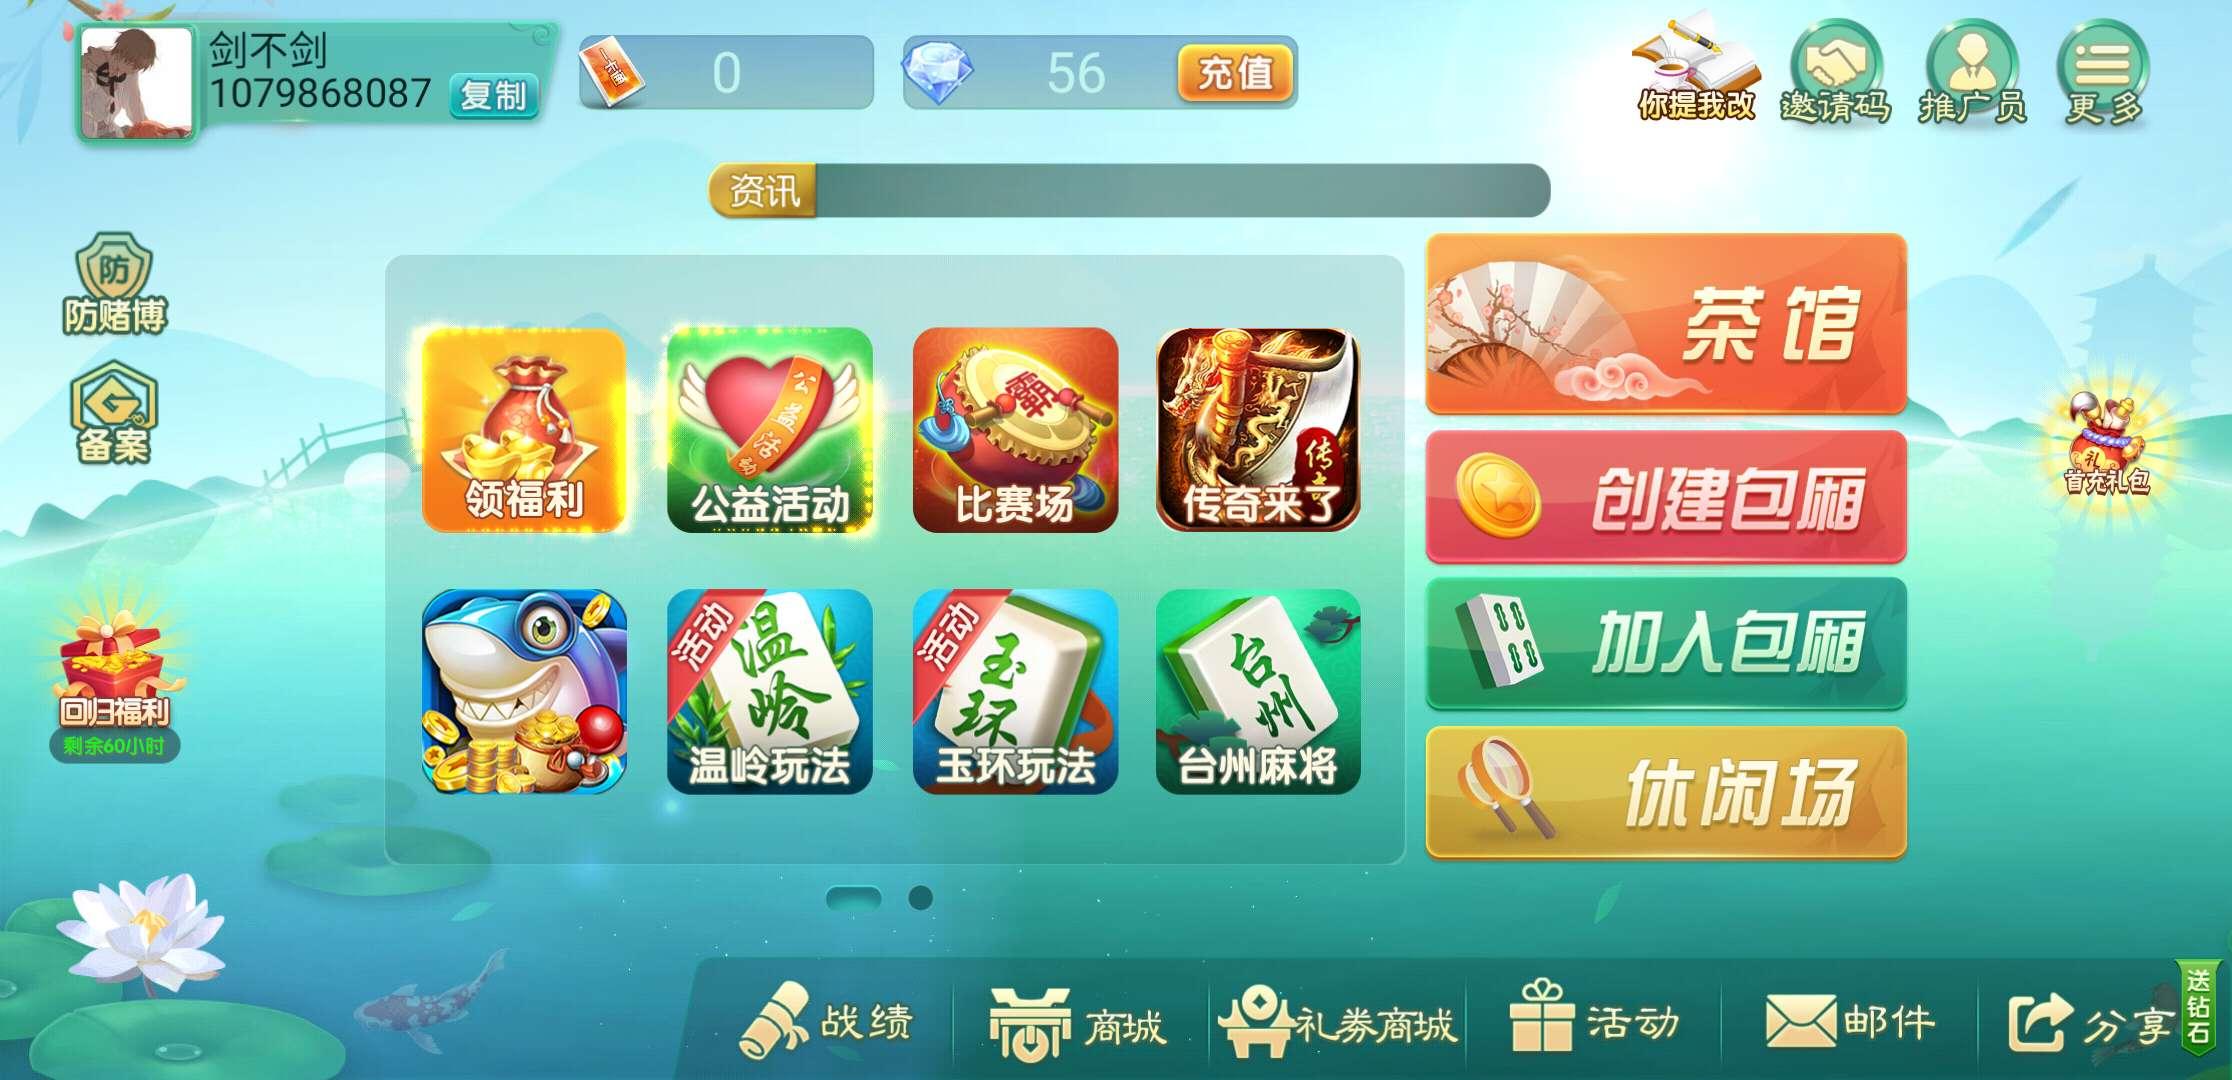 海外棋牌游戏市场Google Play下载量占优 苹果App Store营收多